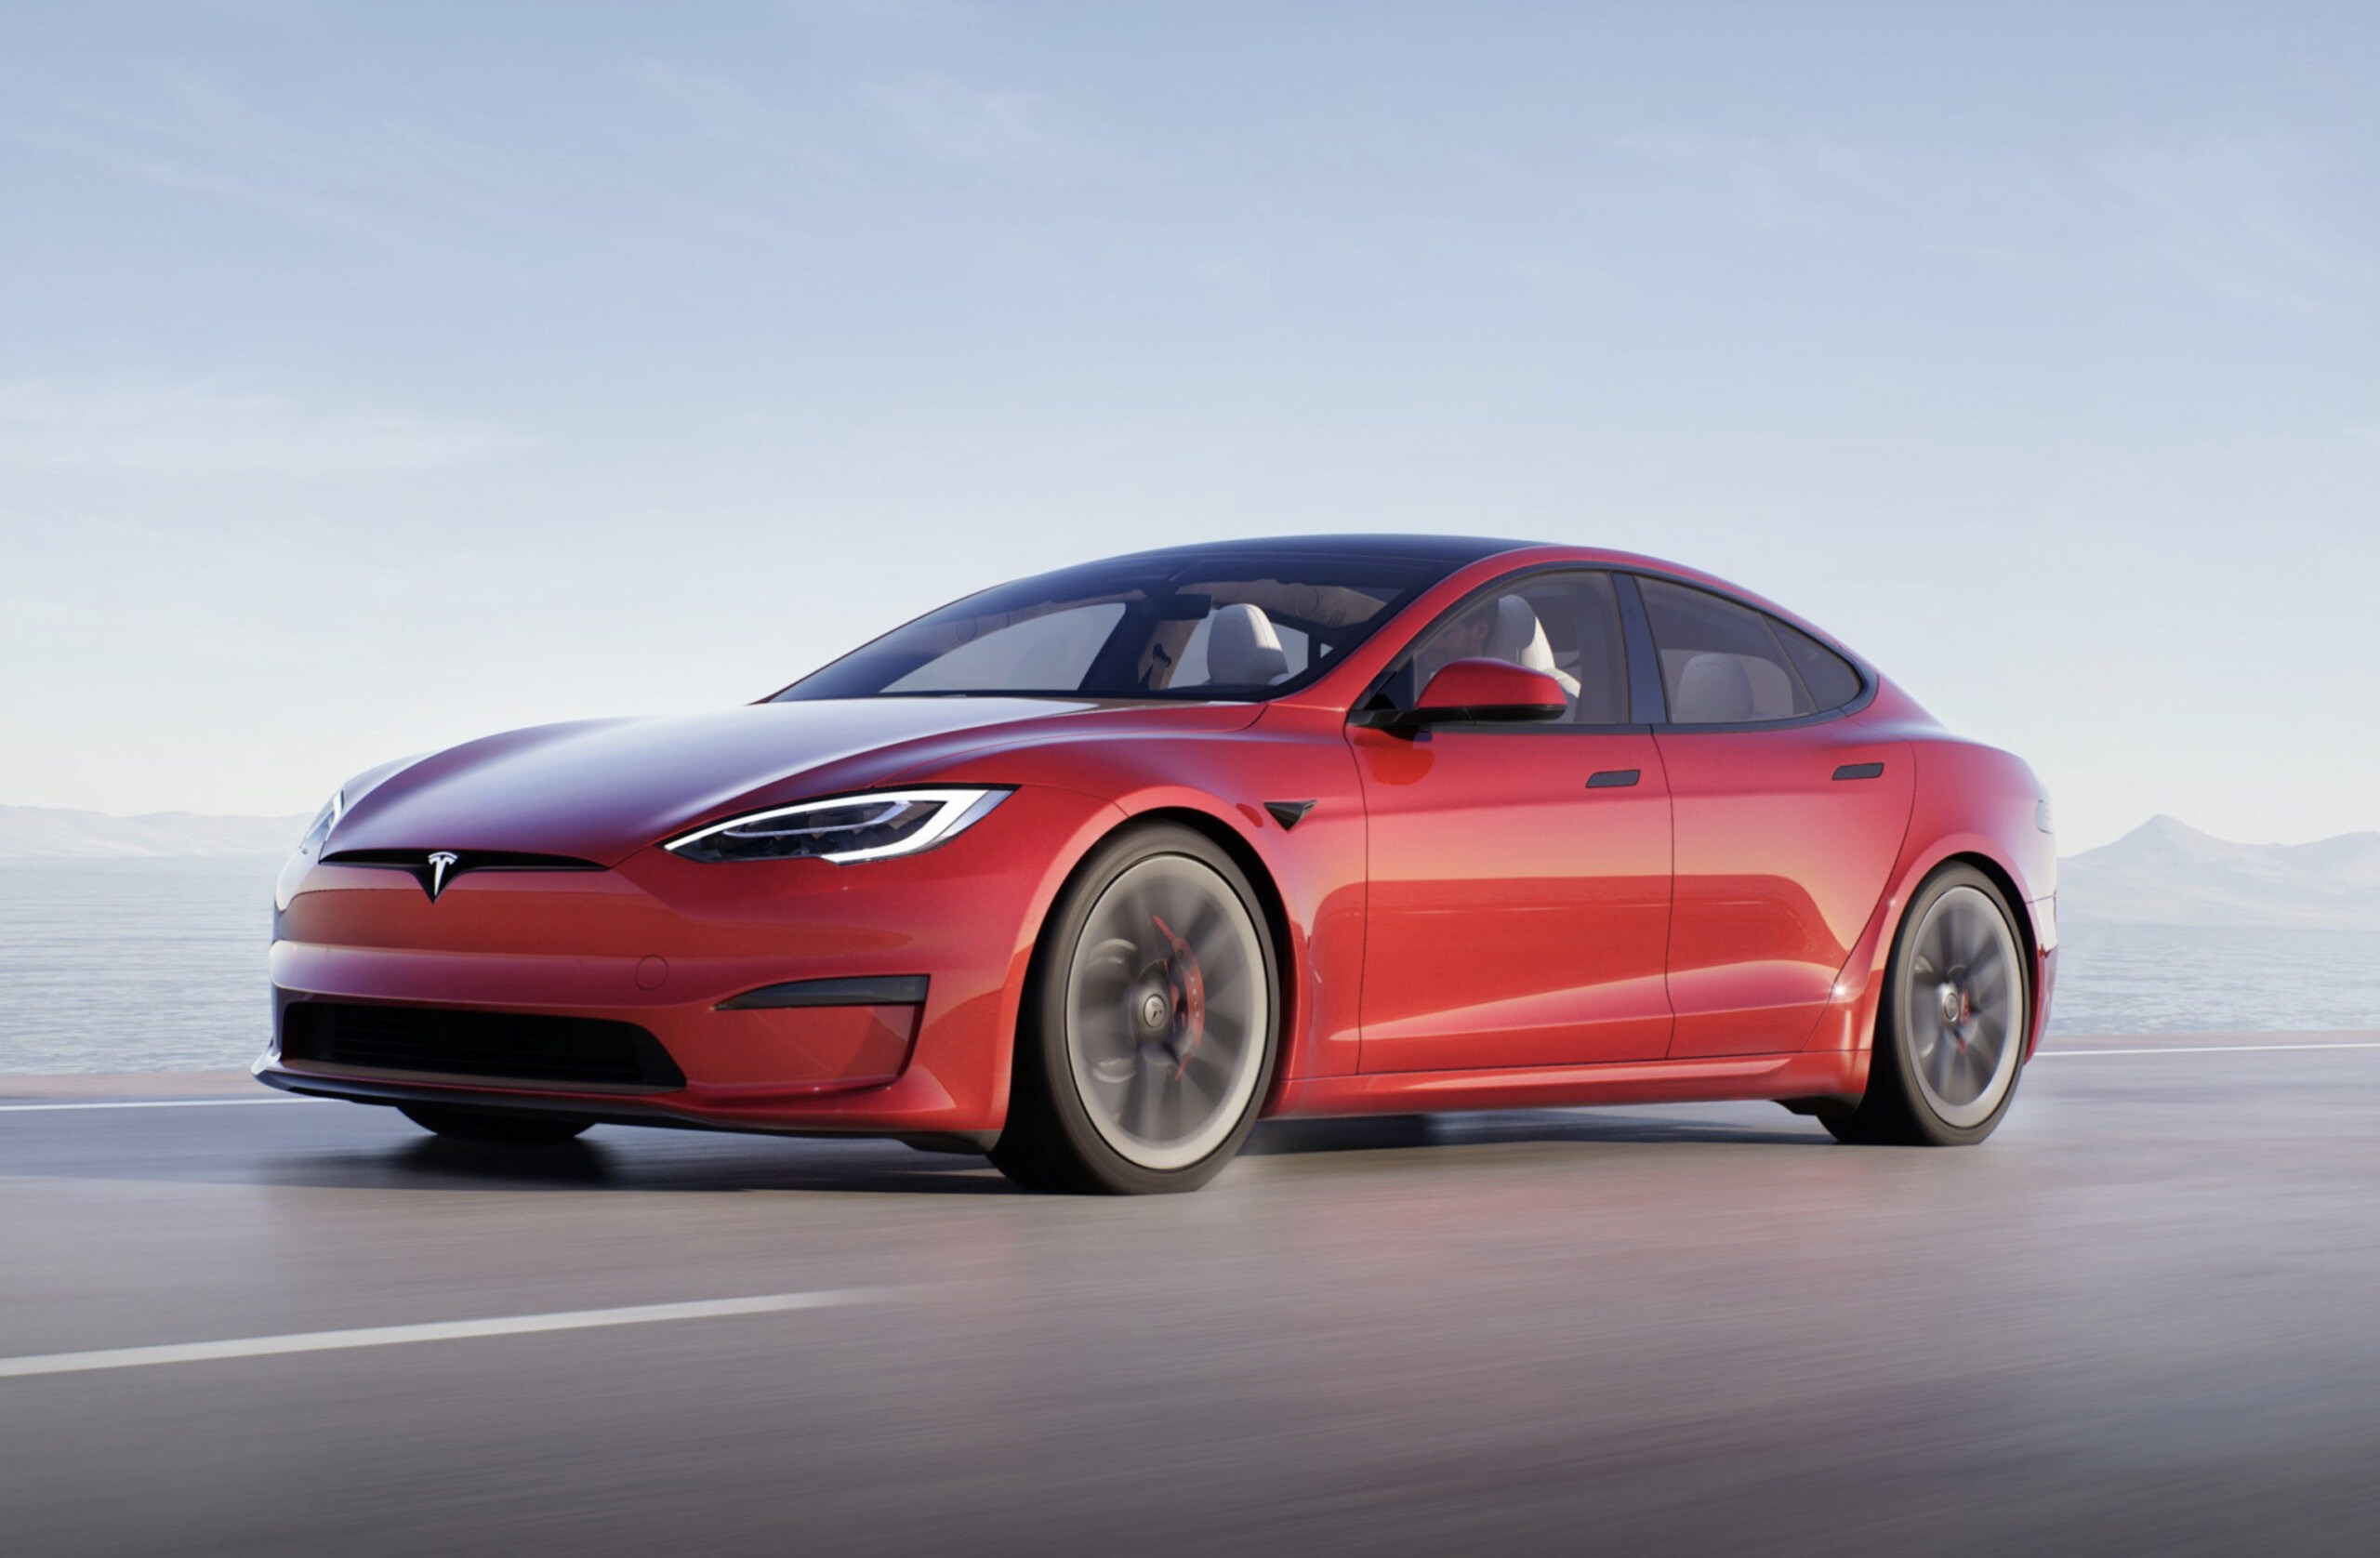 La Tesla Model S catapultée de 0 à 96km/h en 2secondes mais… il y a un mais